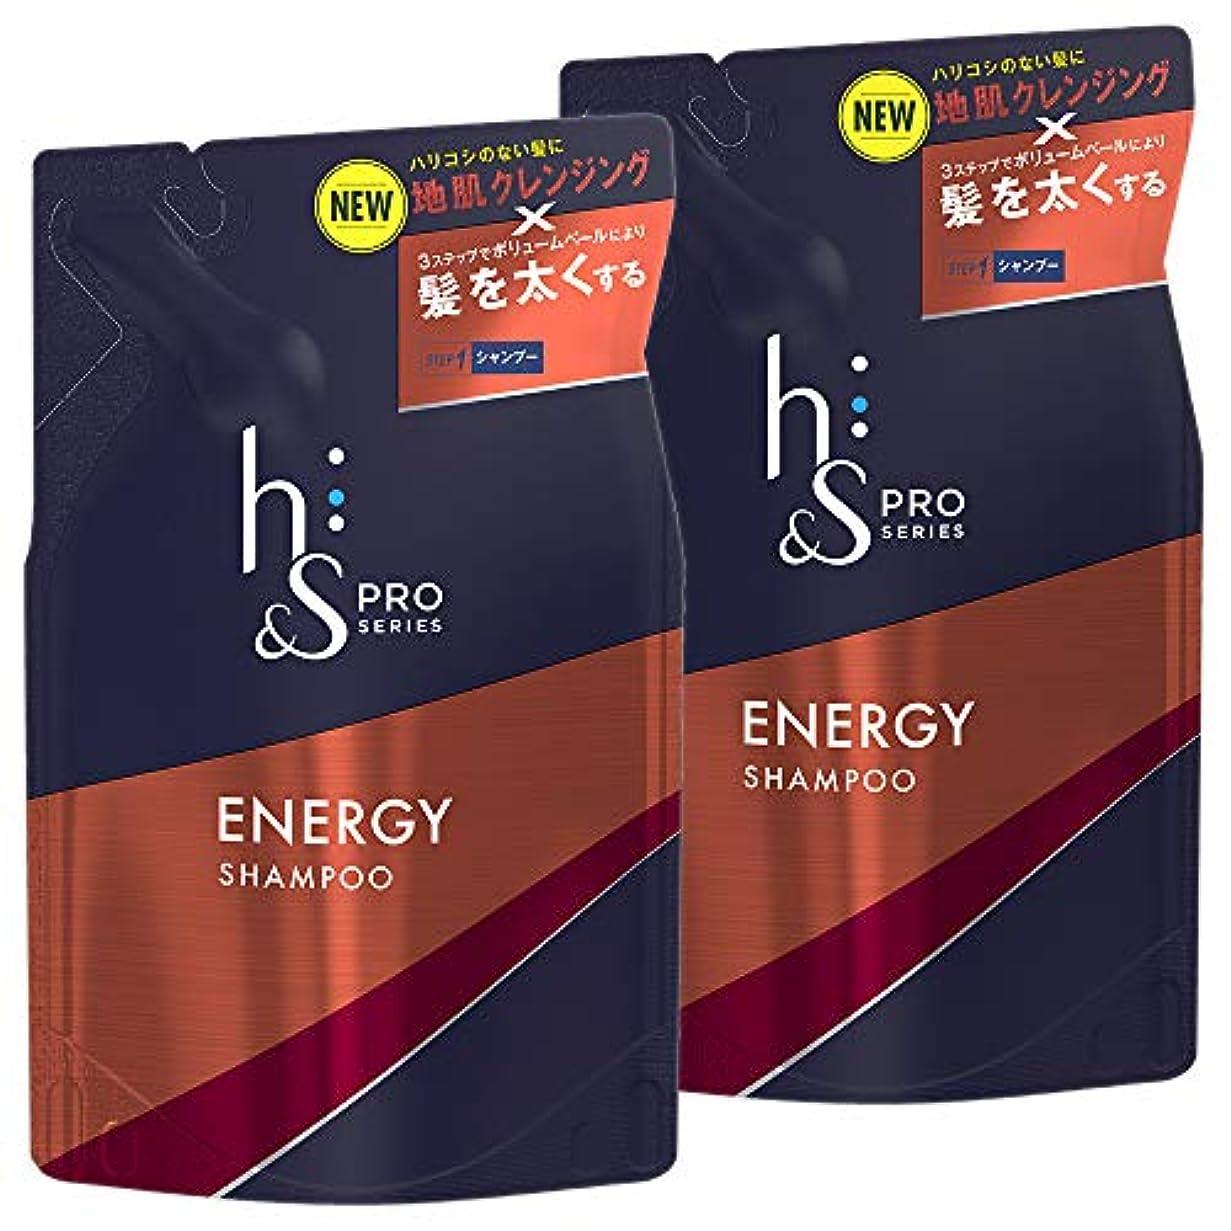 ステープル優雅なクリスマス【まとめ買い】 h&s for men シャンプー PRO Series エナジー 詰め替え 300mL×2個